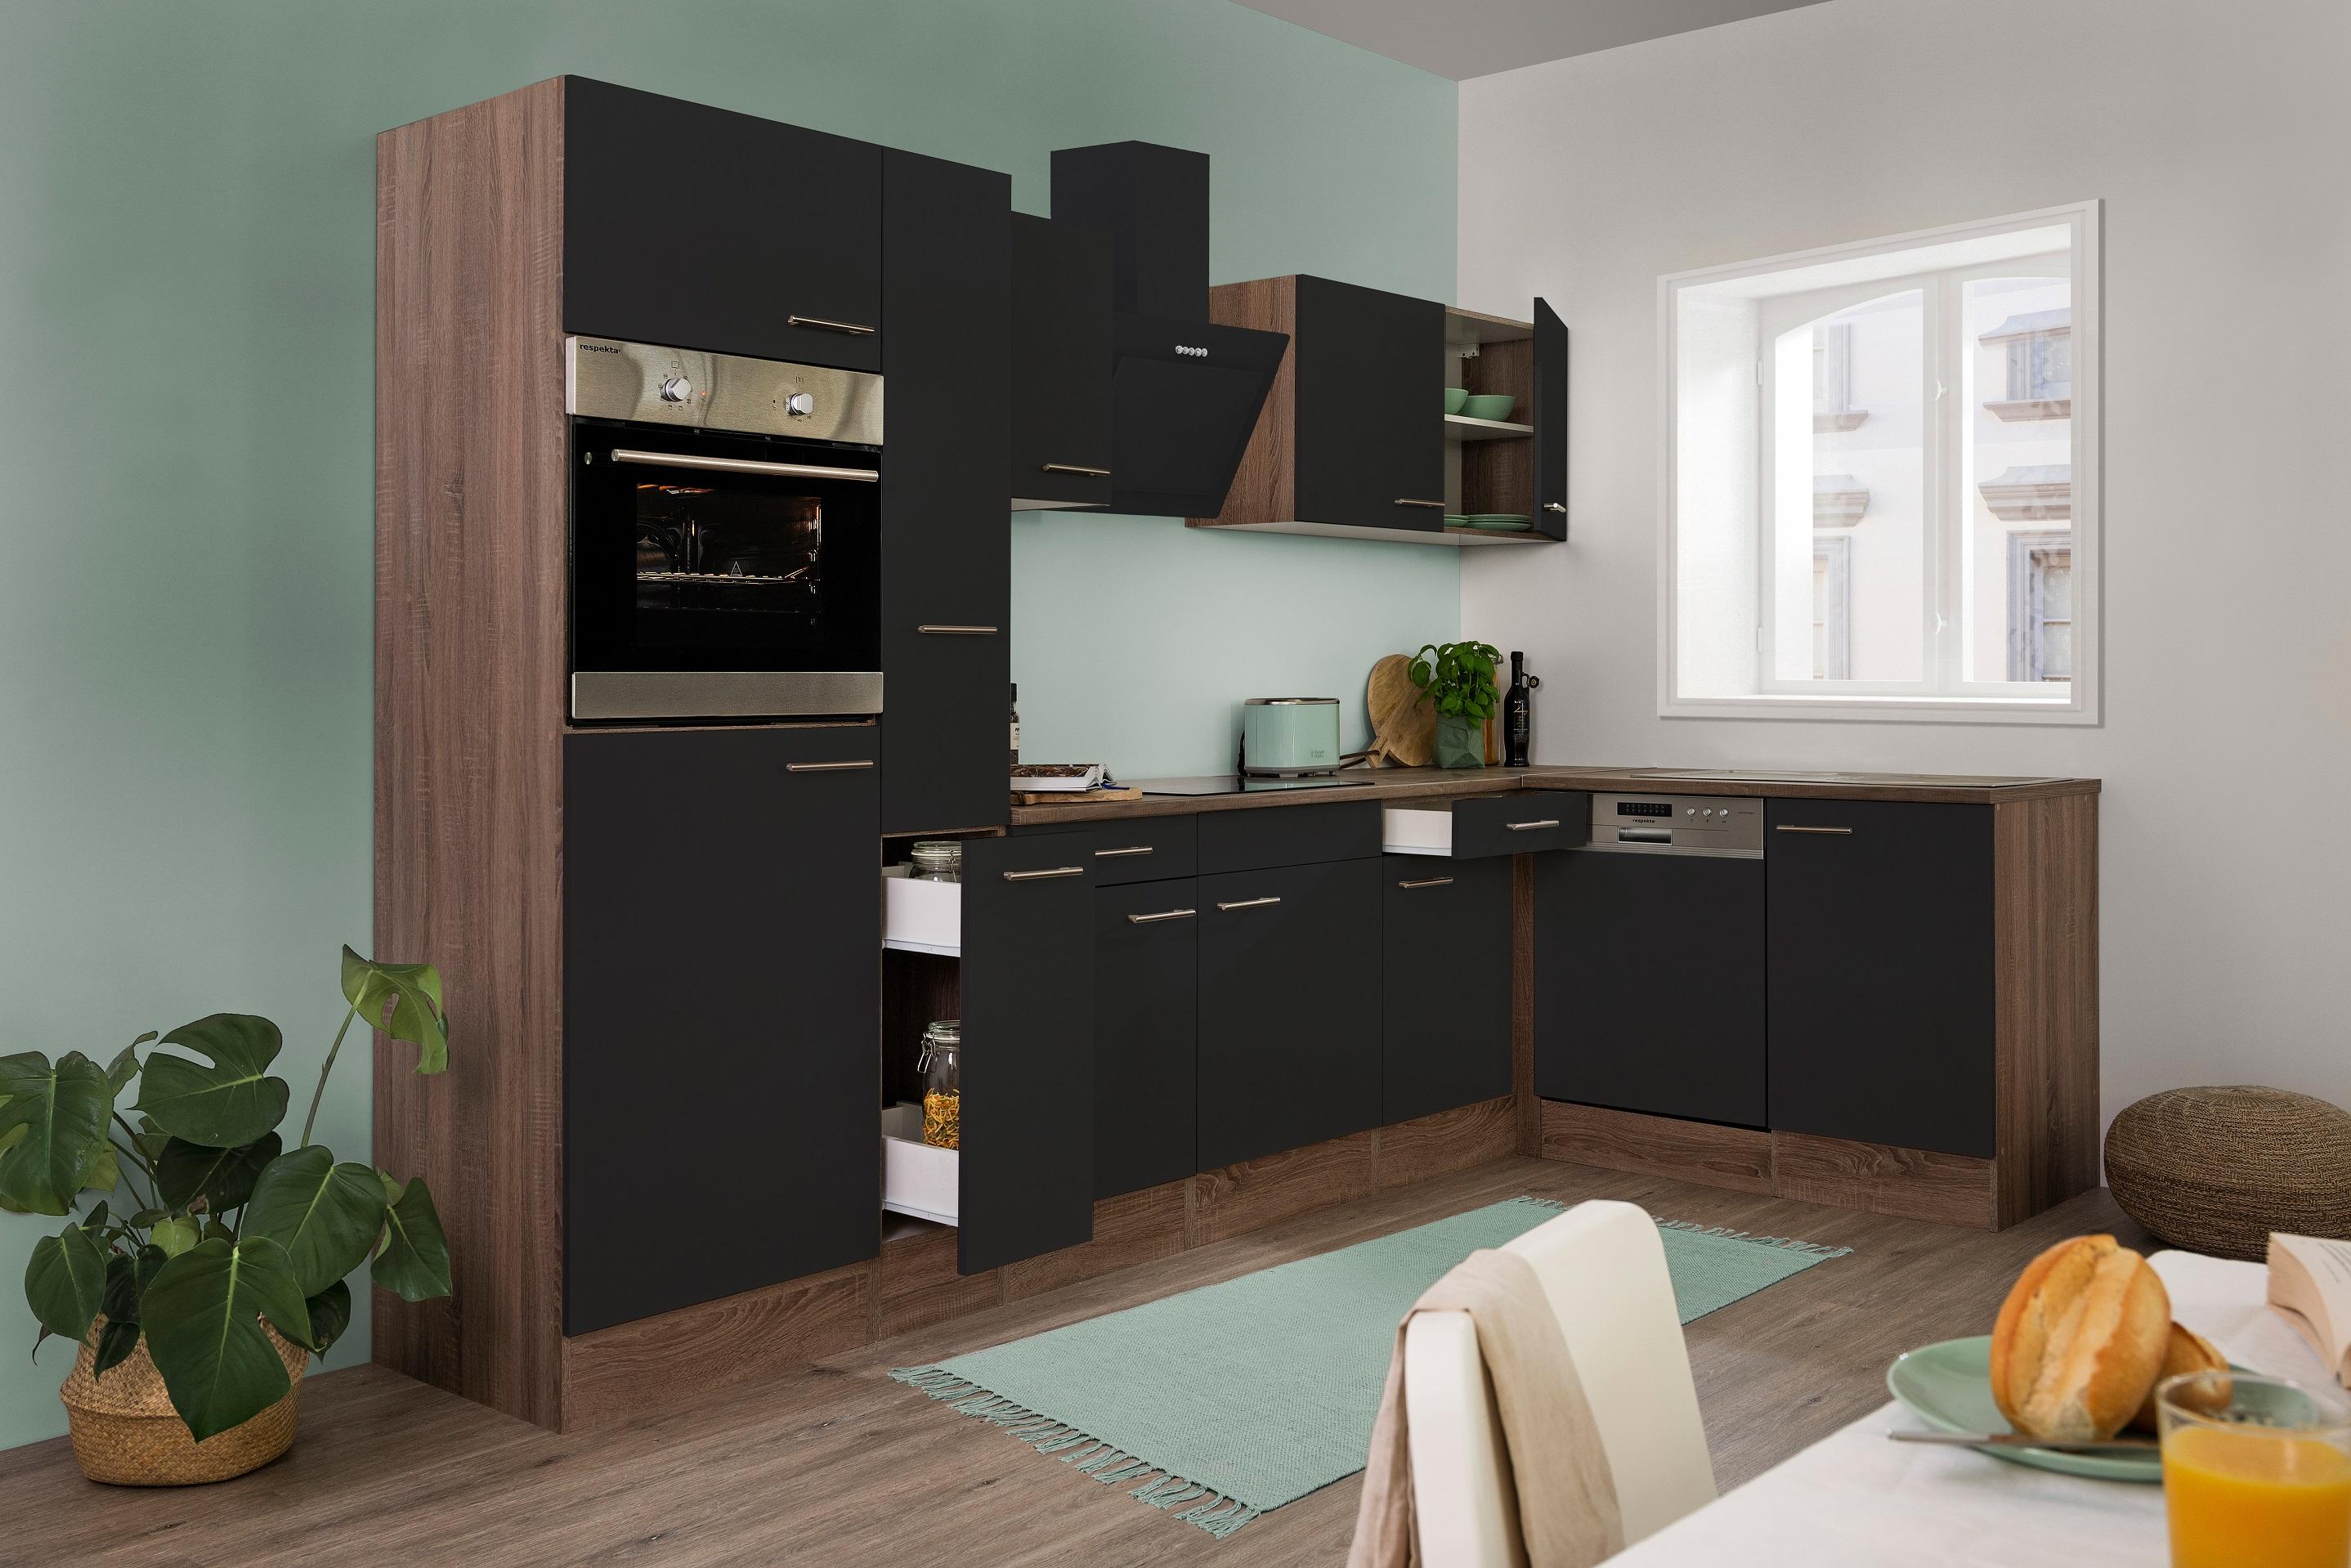 respekta Küchenzeile Küche Winkelküche L-Form Küche Eiche York schwarz 310x172cm